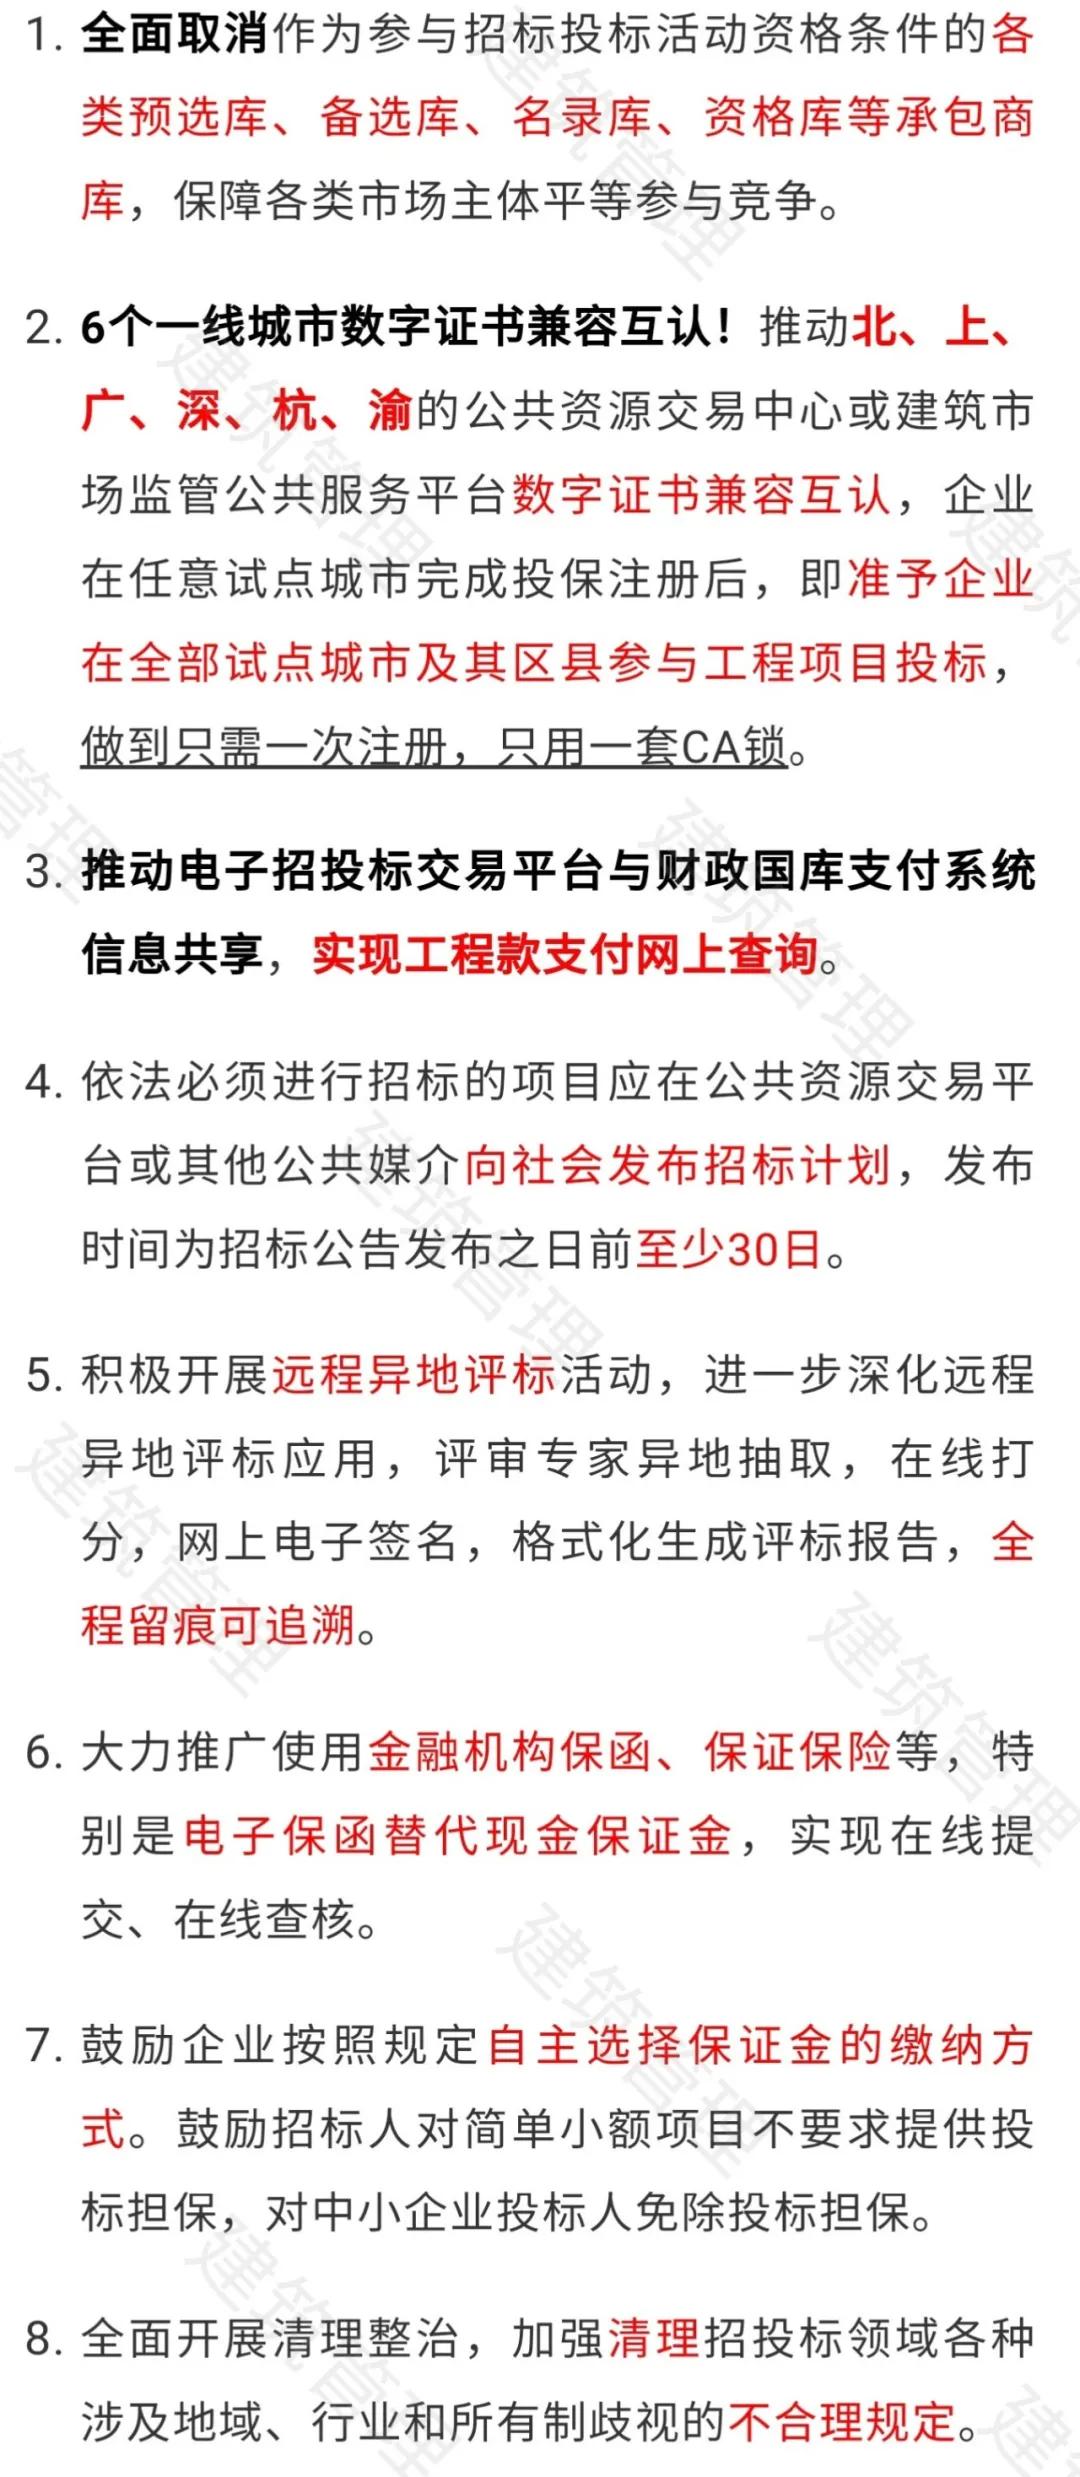 取消招投标各类承包商预选库!北/上/广/深/杭/渝CA证书将互认